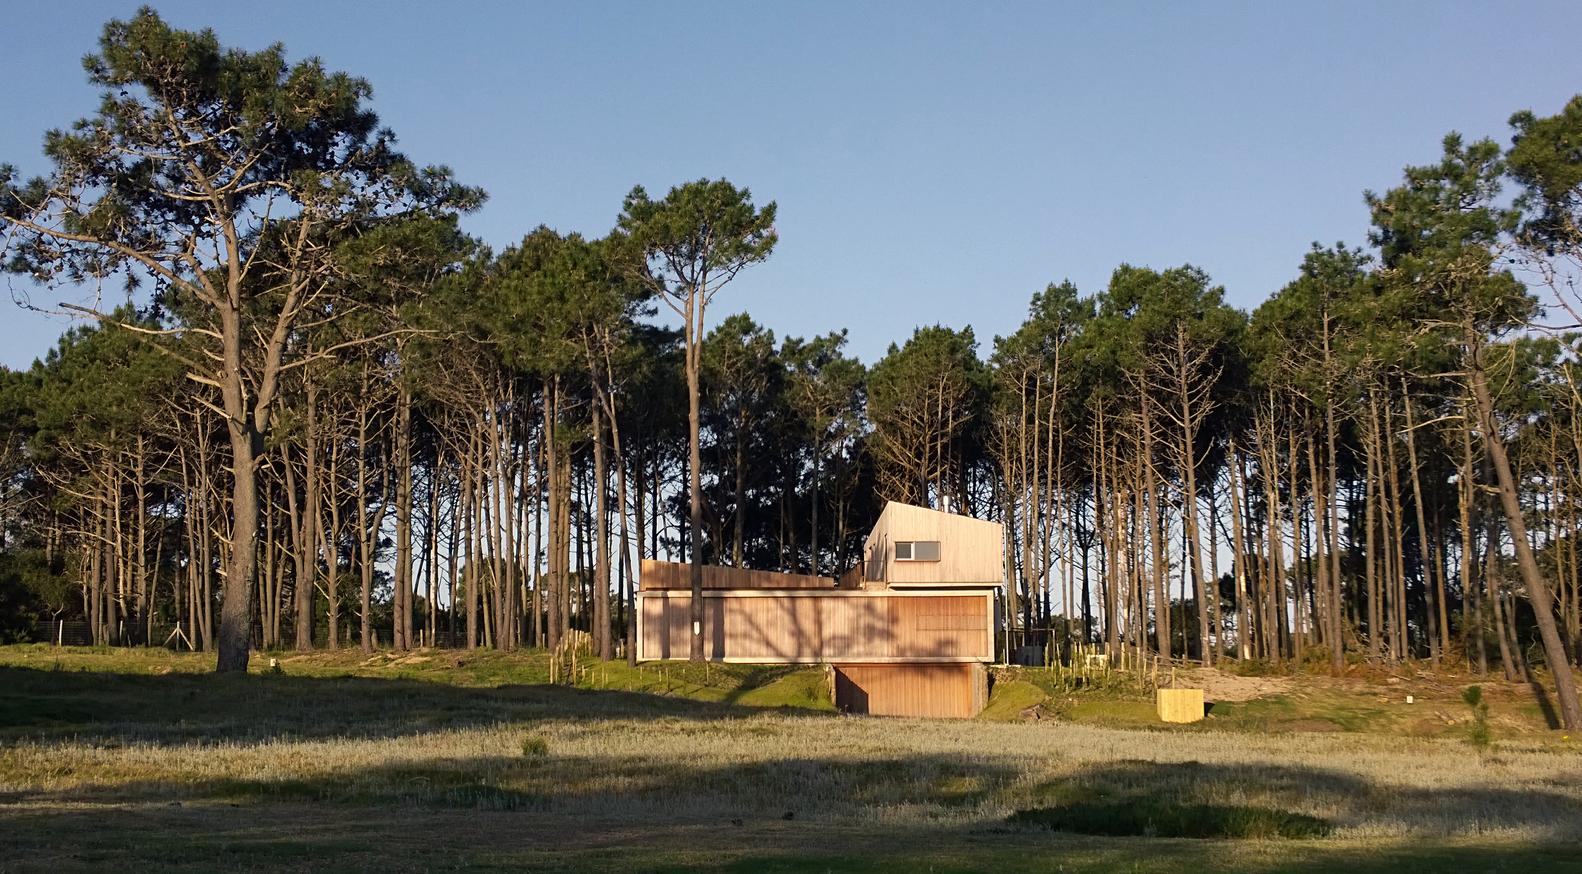 Pinar del Faro gyvenamasis vienbutis gamtoje (19)